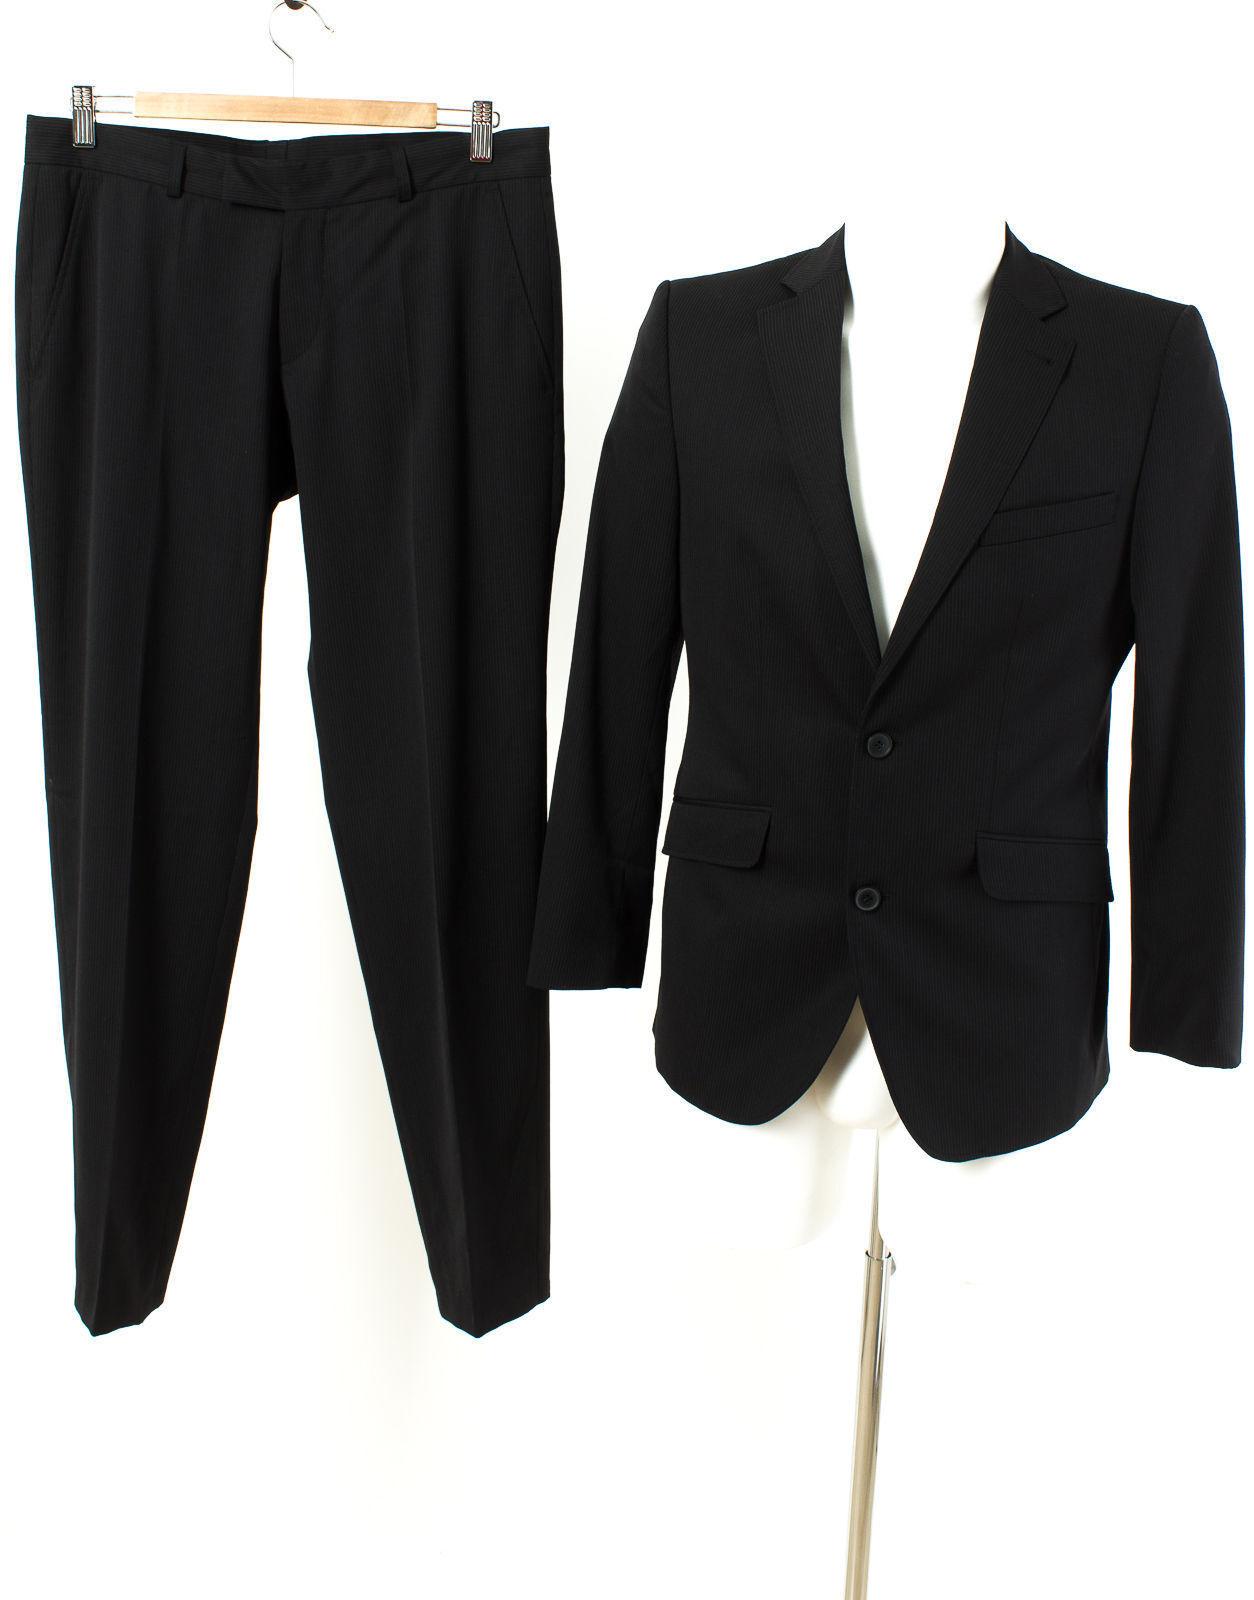 CG MIX UP Anzug Gr. XXS-XS / 44-46 Wolle Sakko Hose Geschäft Suit